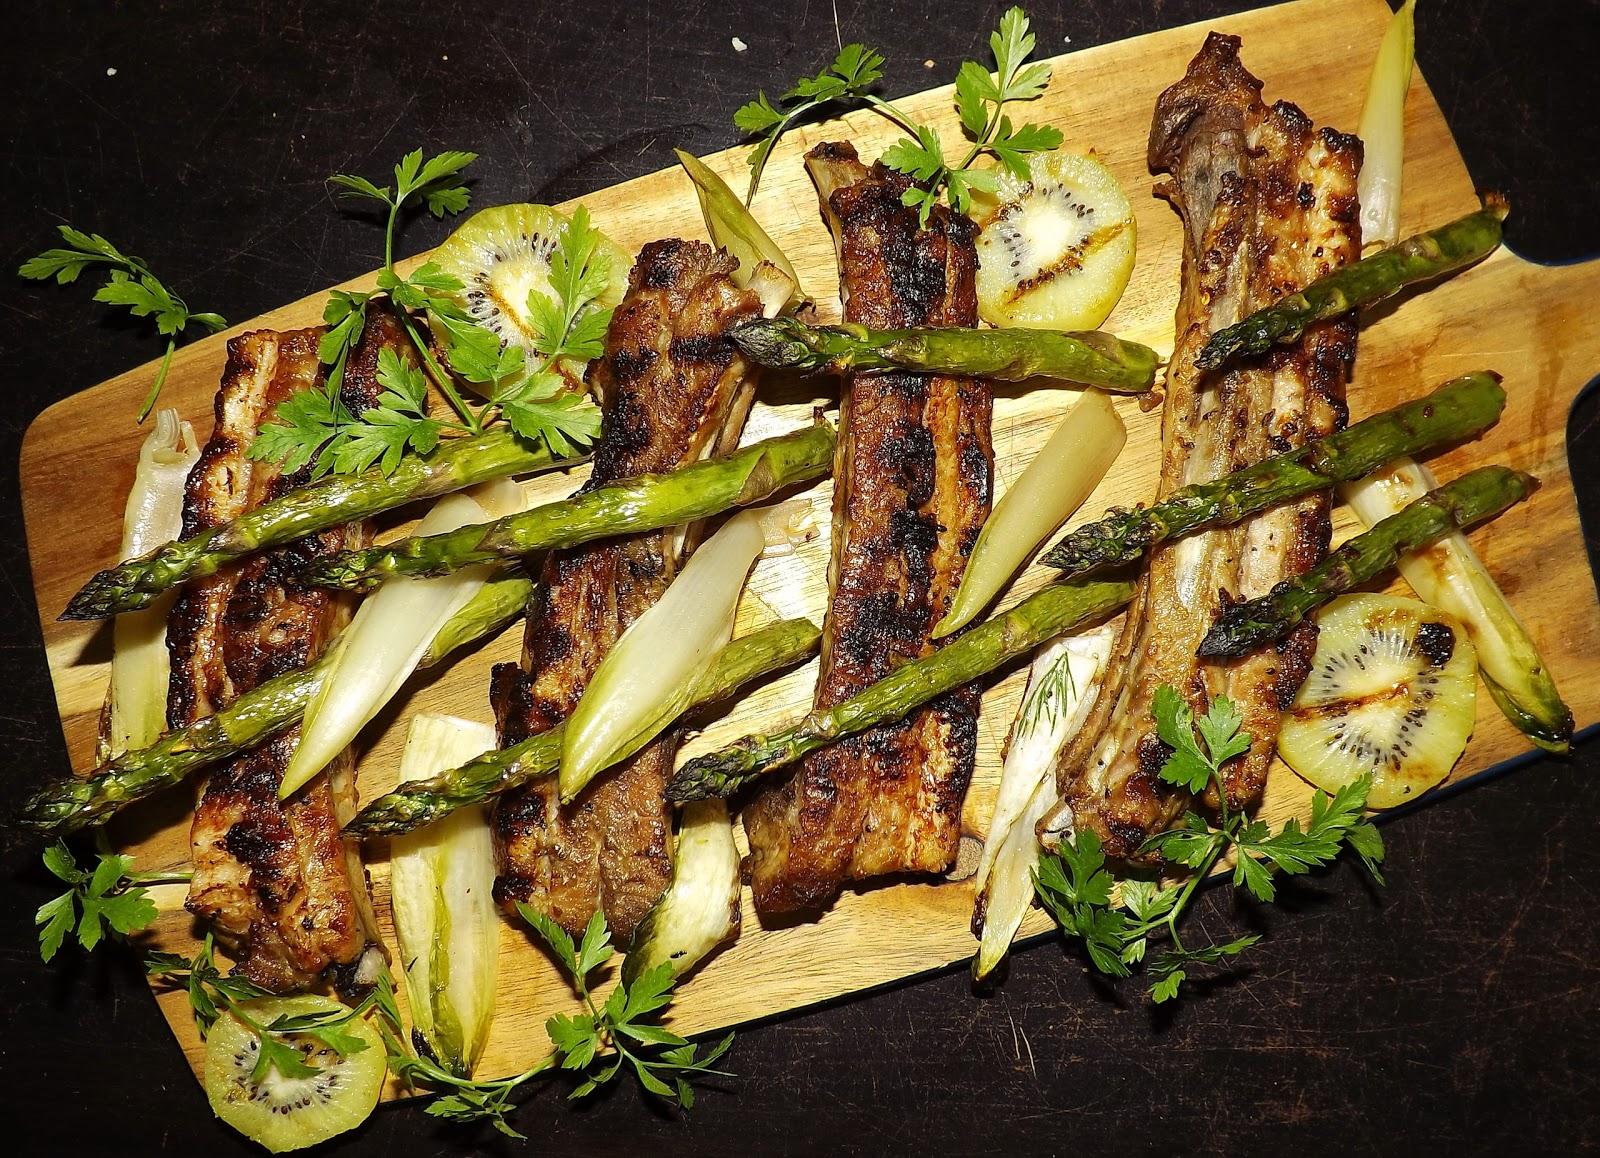 Grillowane żeberka w kiwi marynowane z cykorią i szparagami